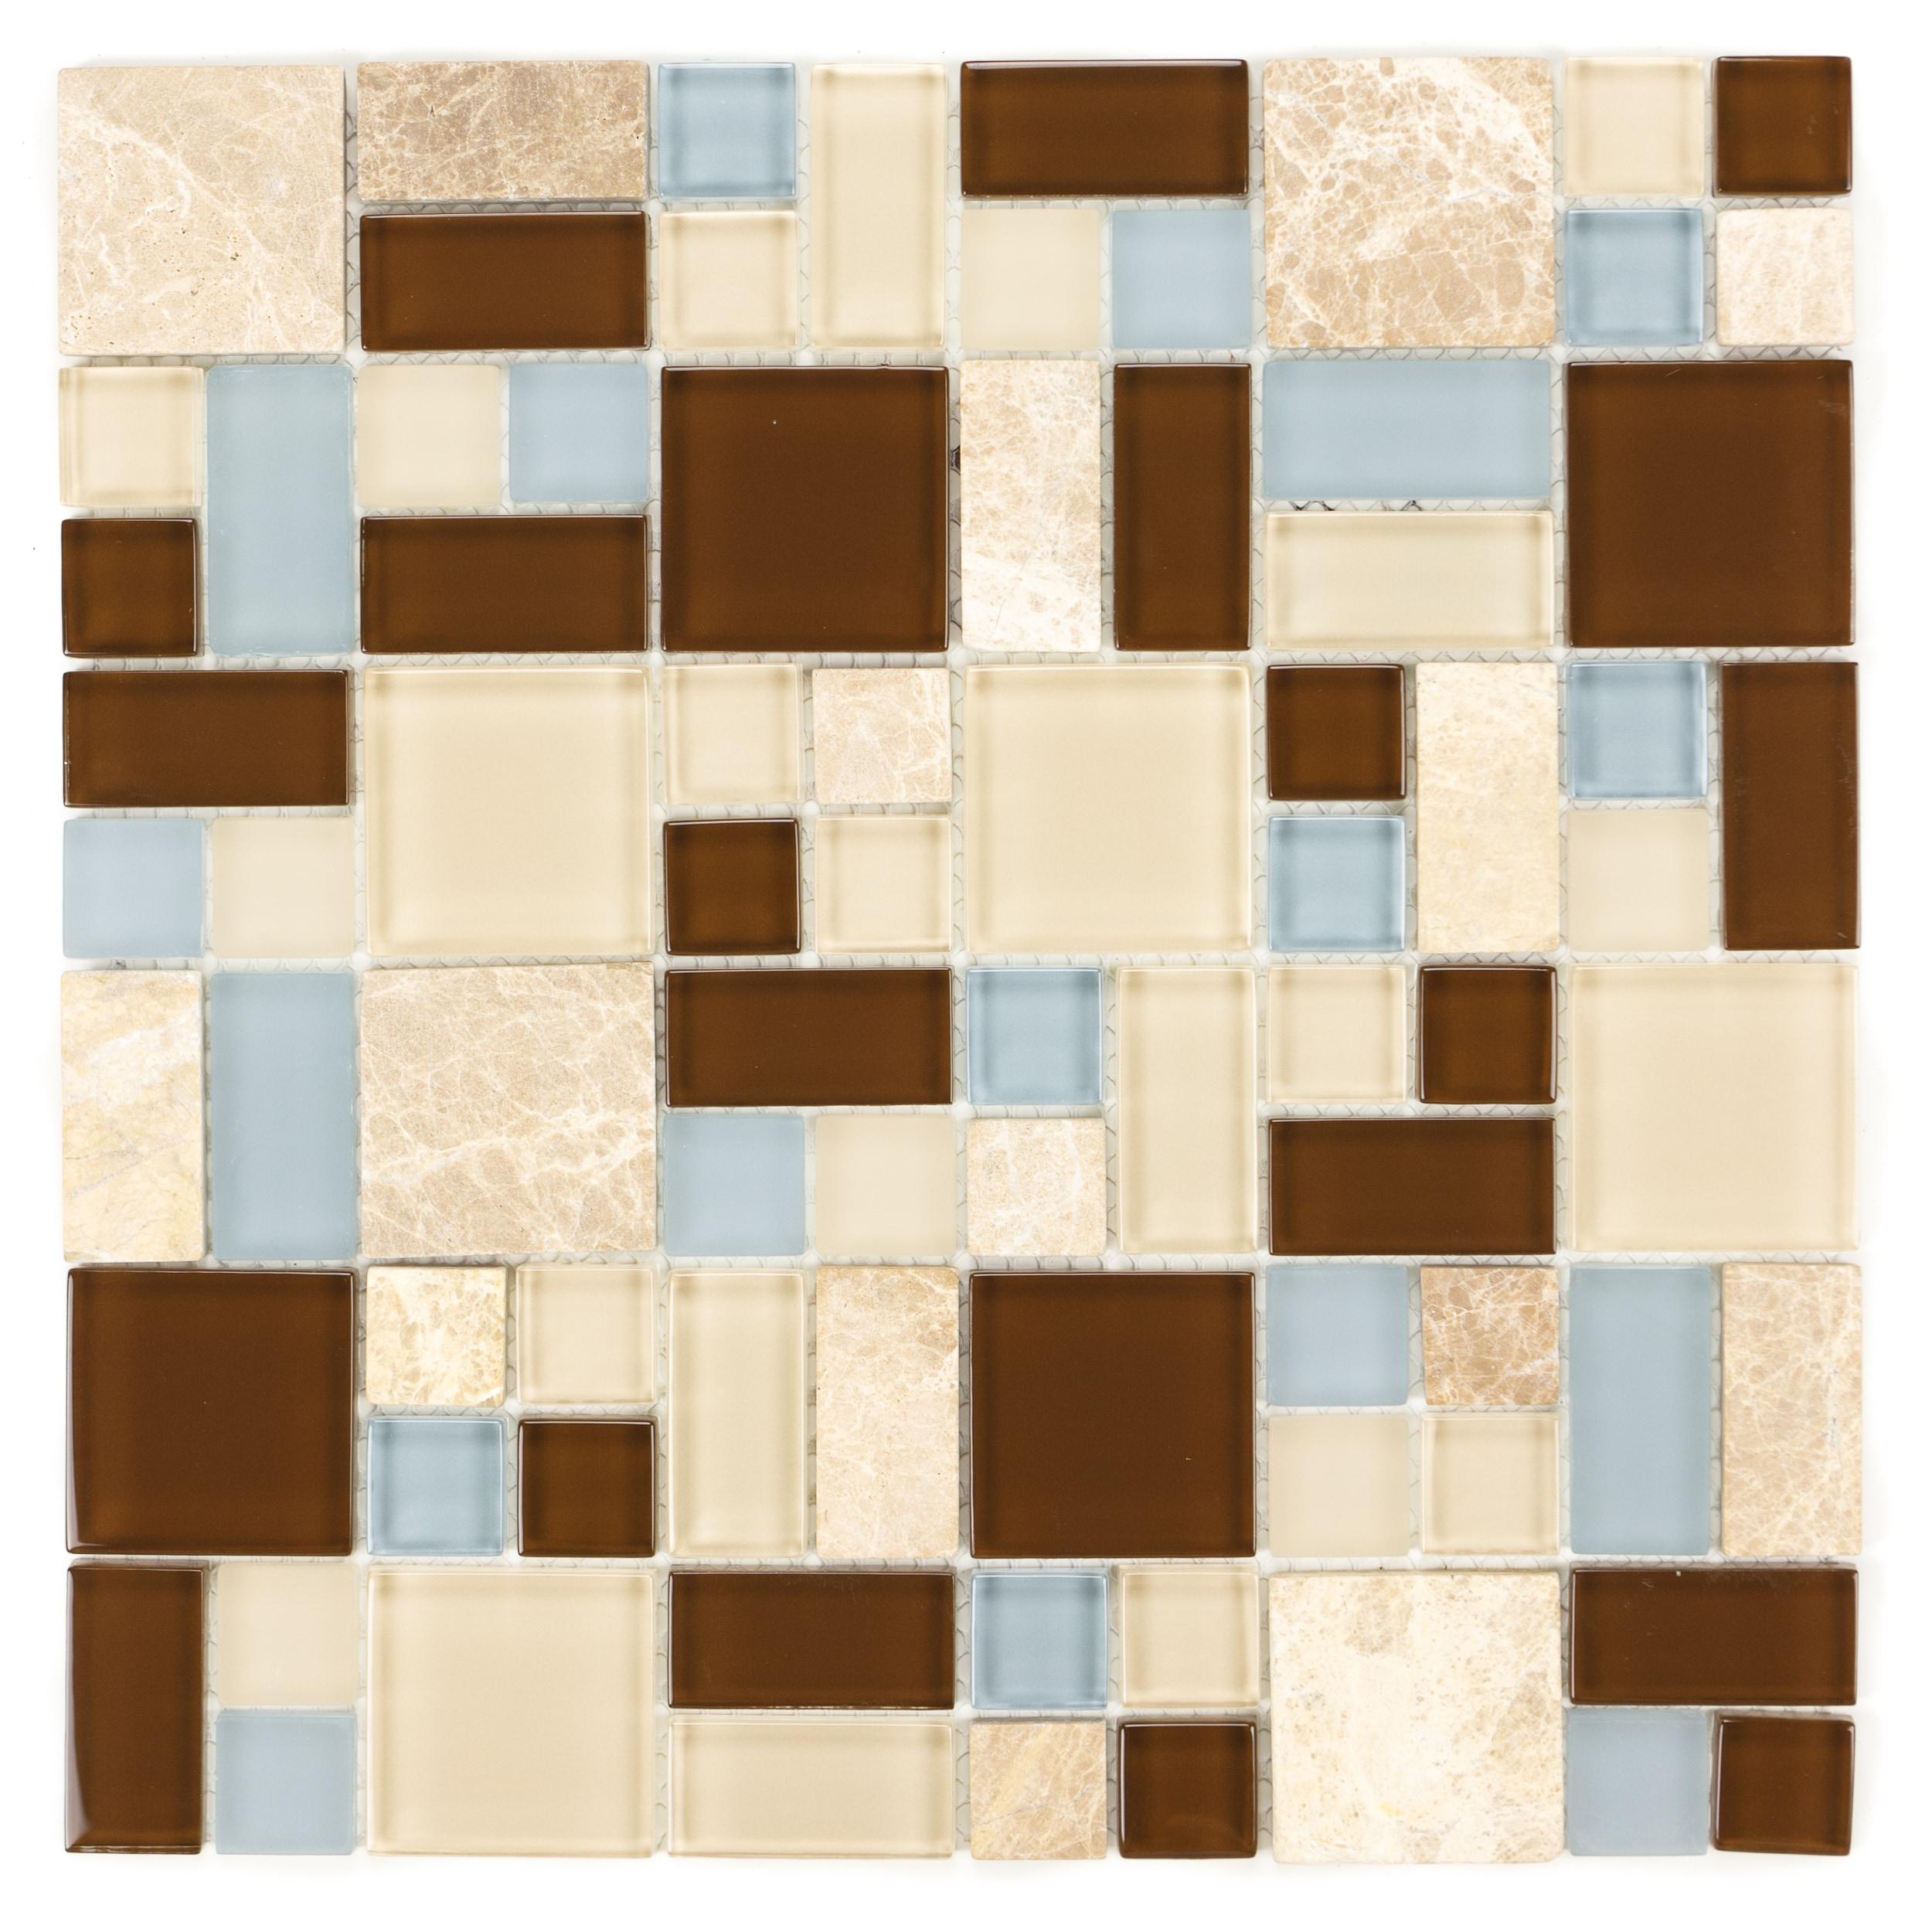 Random Marble Mix ICL H-2115 Mosaic Sheets (Set of 11)